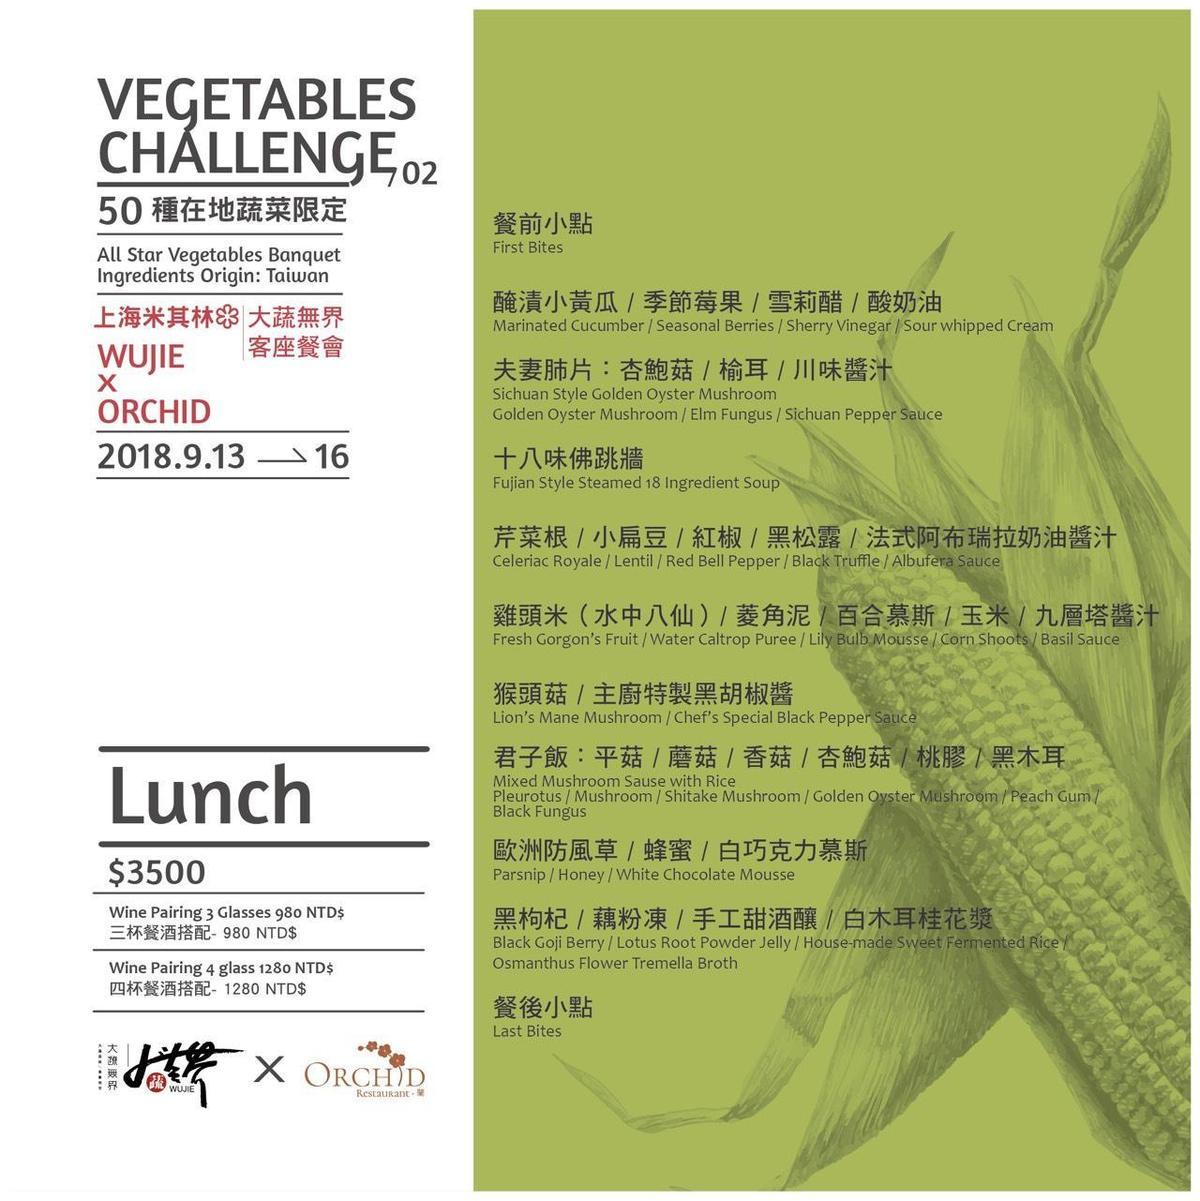 「蘭餐廳」與「大蔬無界」四手餐會,可以品嘗到11道蔬食料理。(「Orchid Restaurant 蘭」提供)